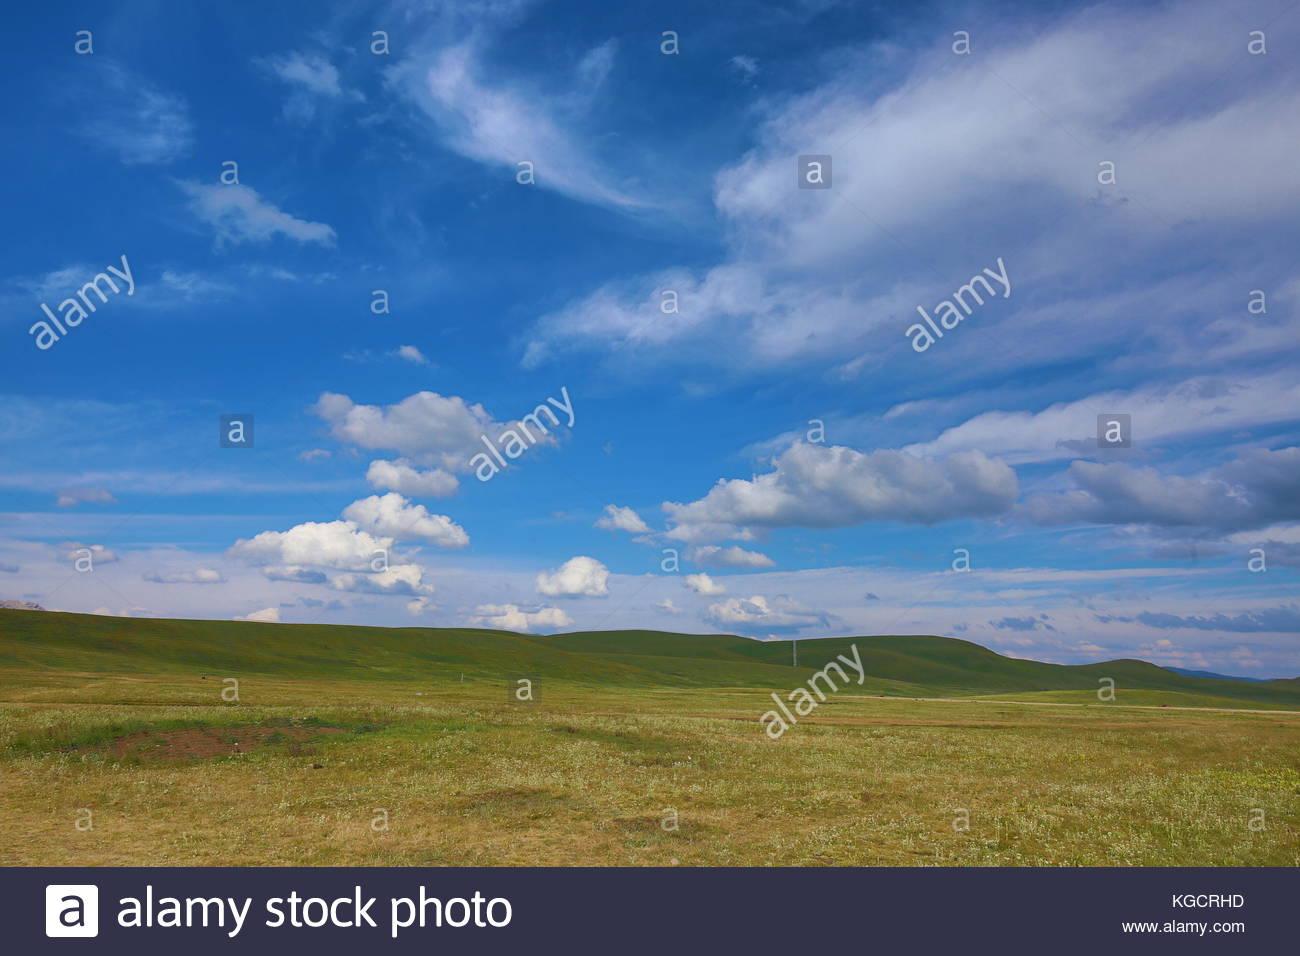 Grassland scene - Stock Image